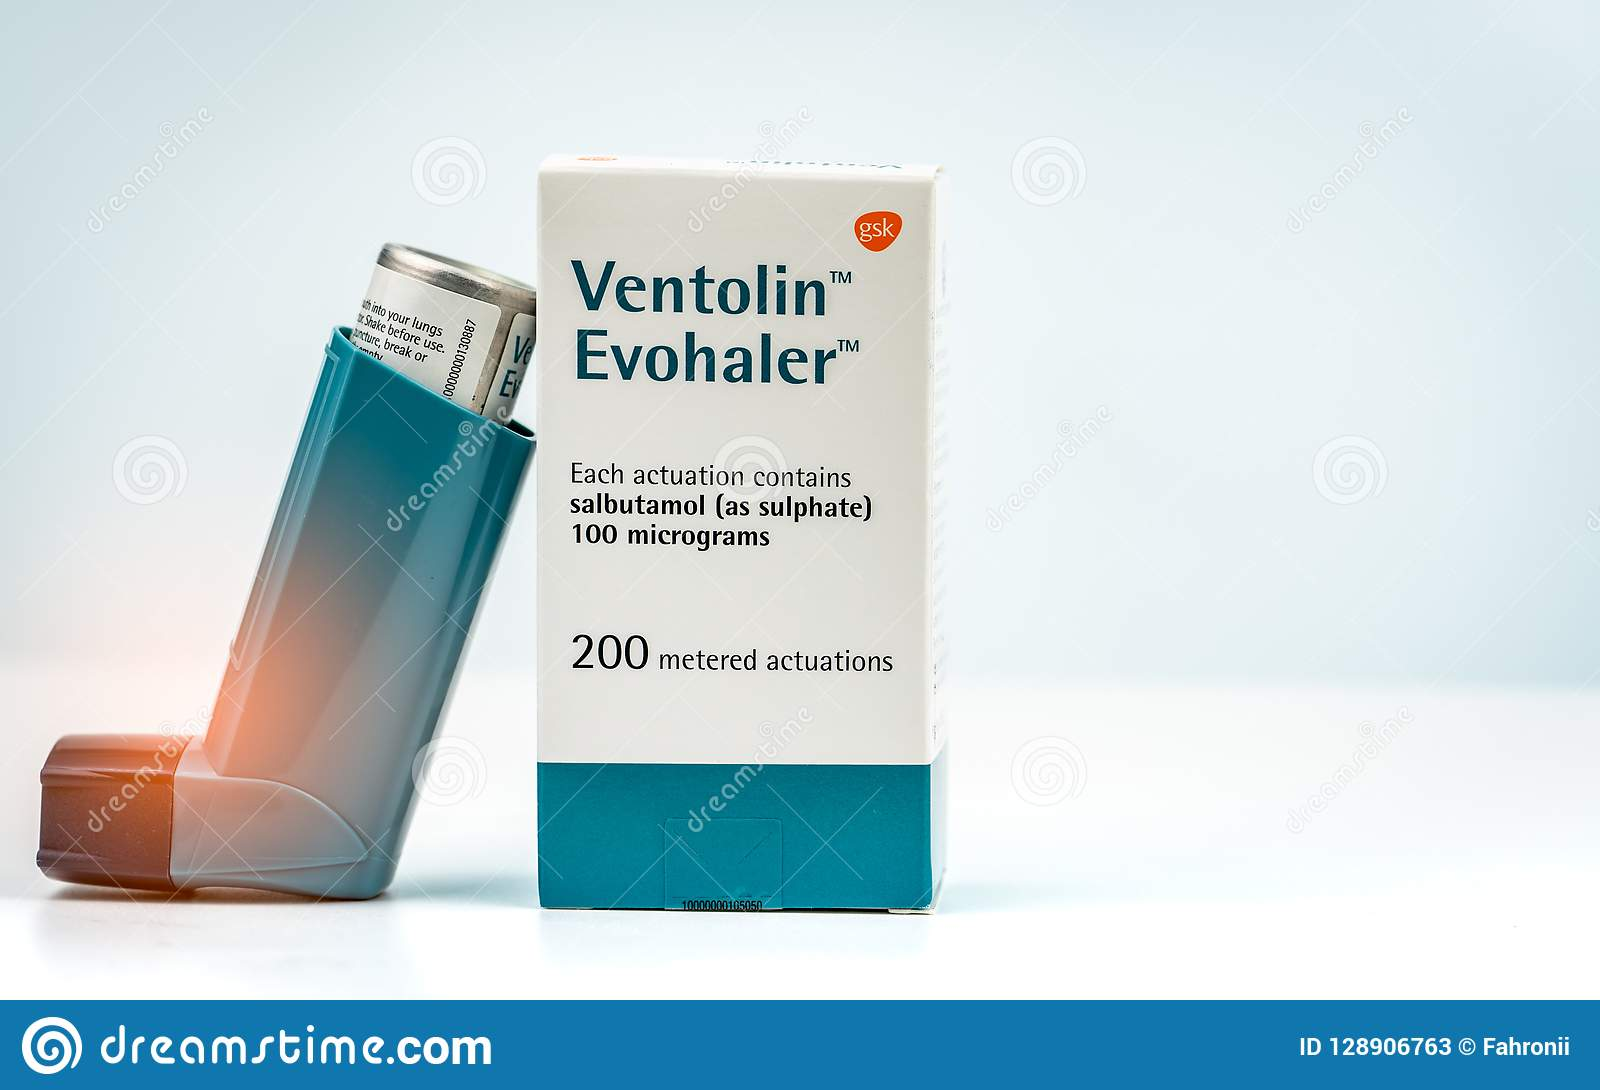 hydrochlorothiazide and losartan 100